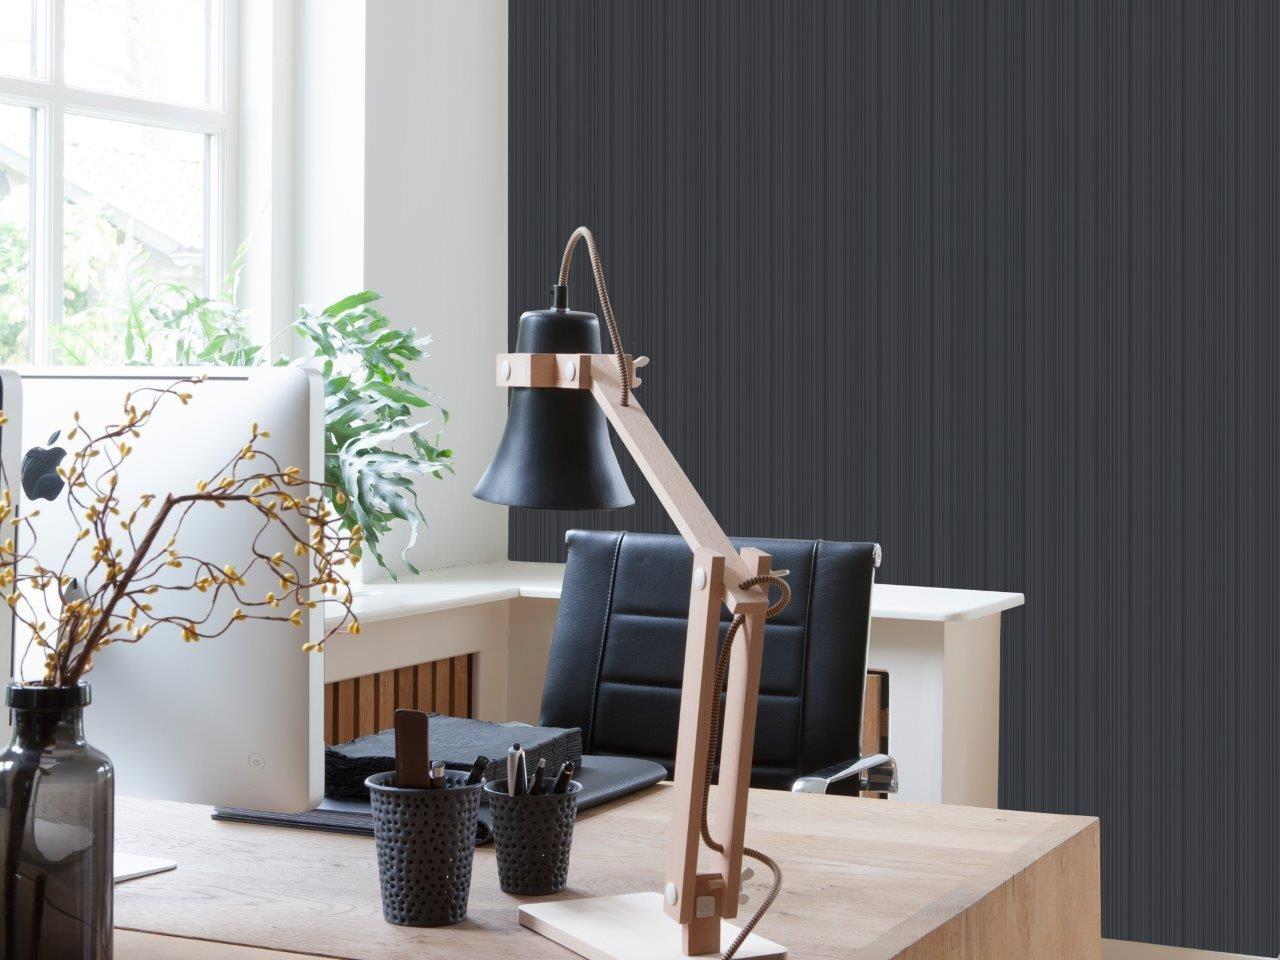 piso vinilico de parede preto